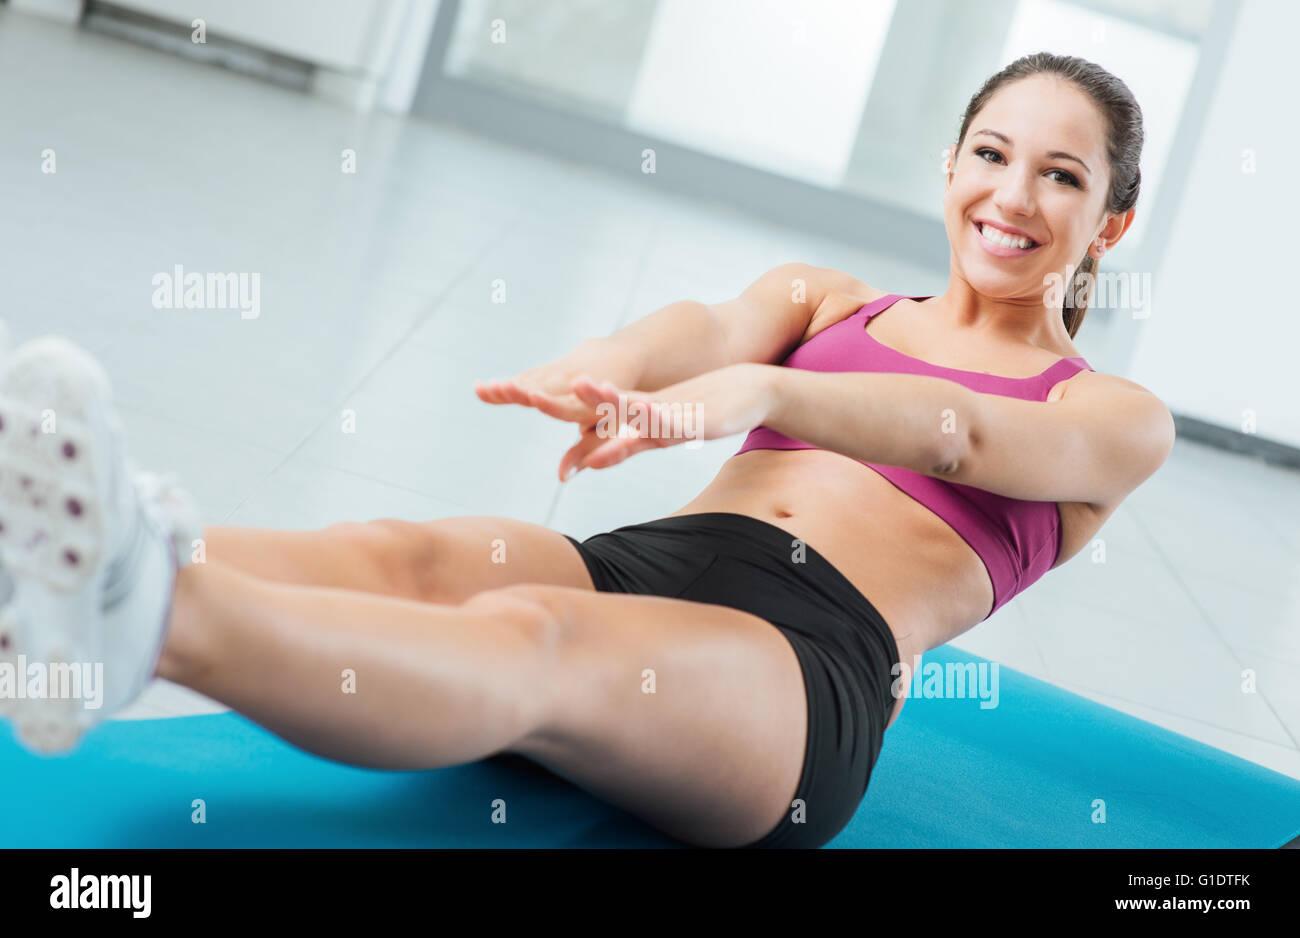 Sorridente giovane donna adbominal facendo esercizi in palestra su un tappetino, fitness e concetto di allenamento Immagini Stock